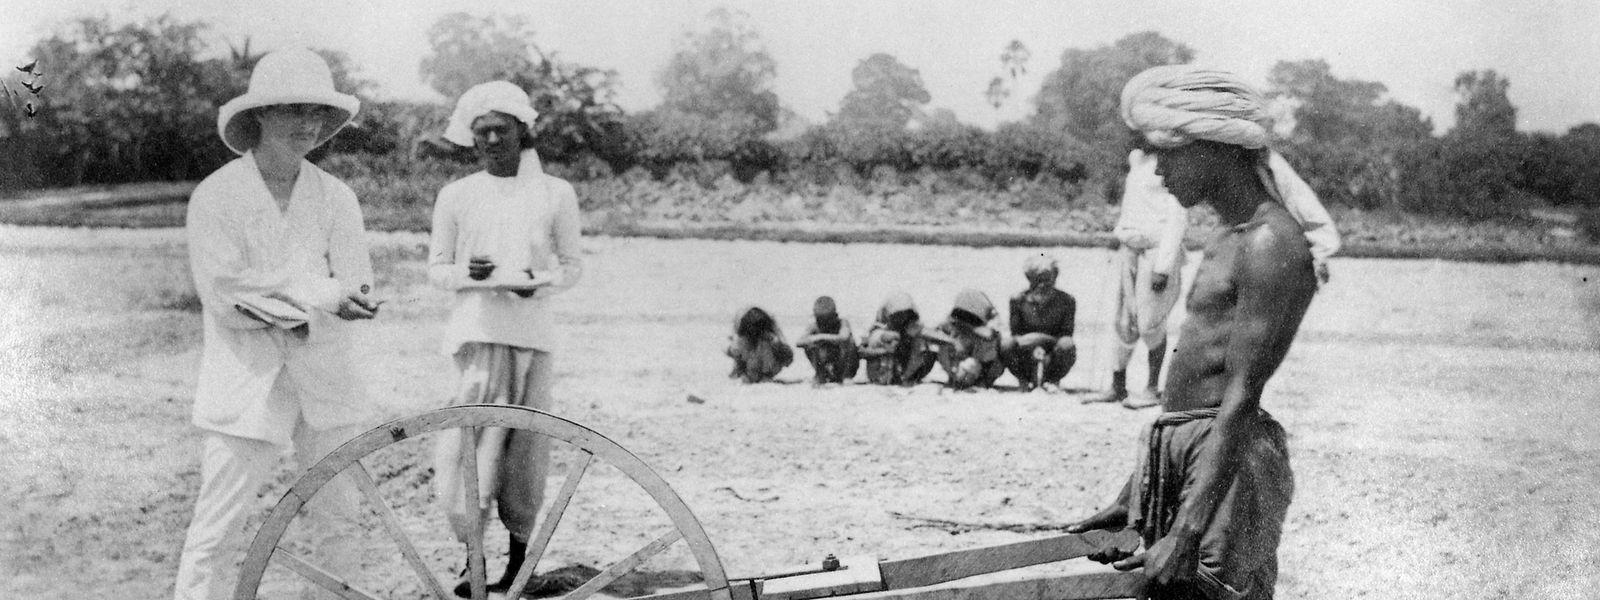 Indien im 19. Jahrhundert: Für die expandierenden Kolonialmächte Großbritannien und Frankreich war die einheimische Bevölkerung nichts weiter als eine billige Arbeitskraft.